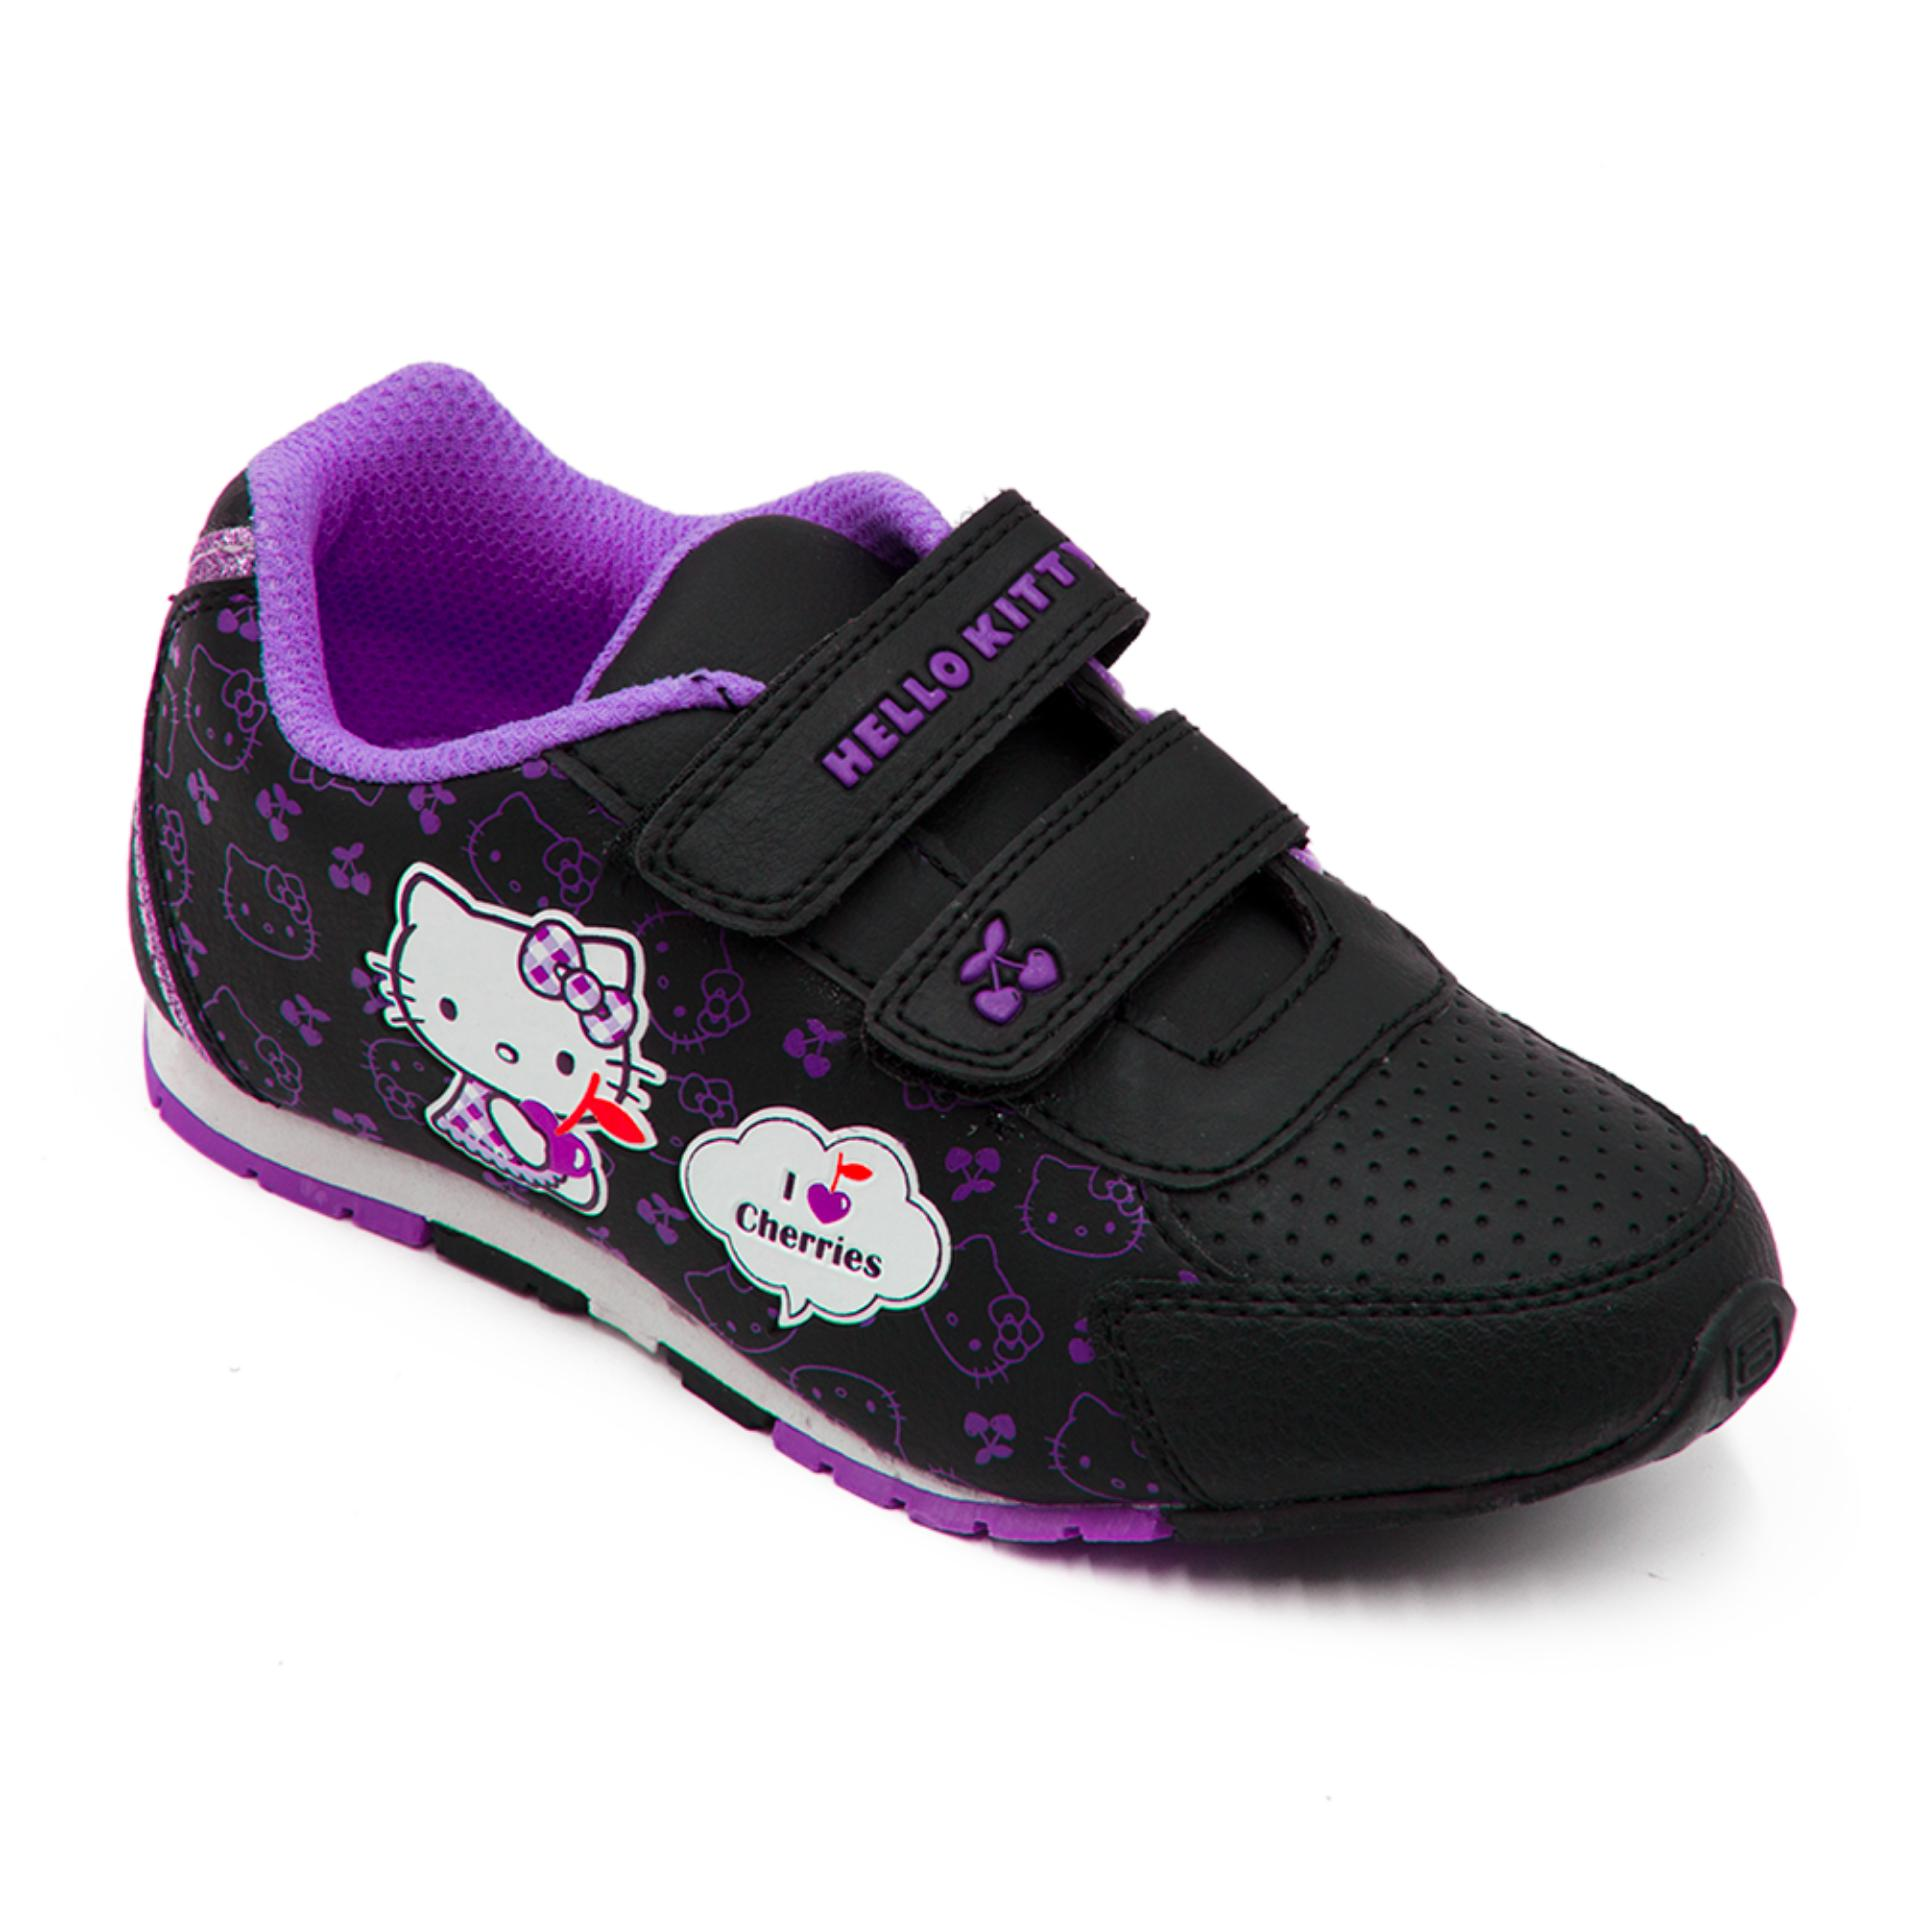 Spesifikasi Ando Sepatu Sekolah Anak Perempuan Hk Cherry Black Purple Murah Berkualitas